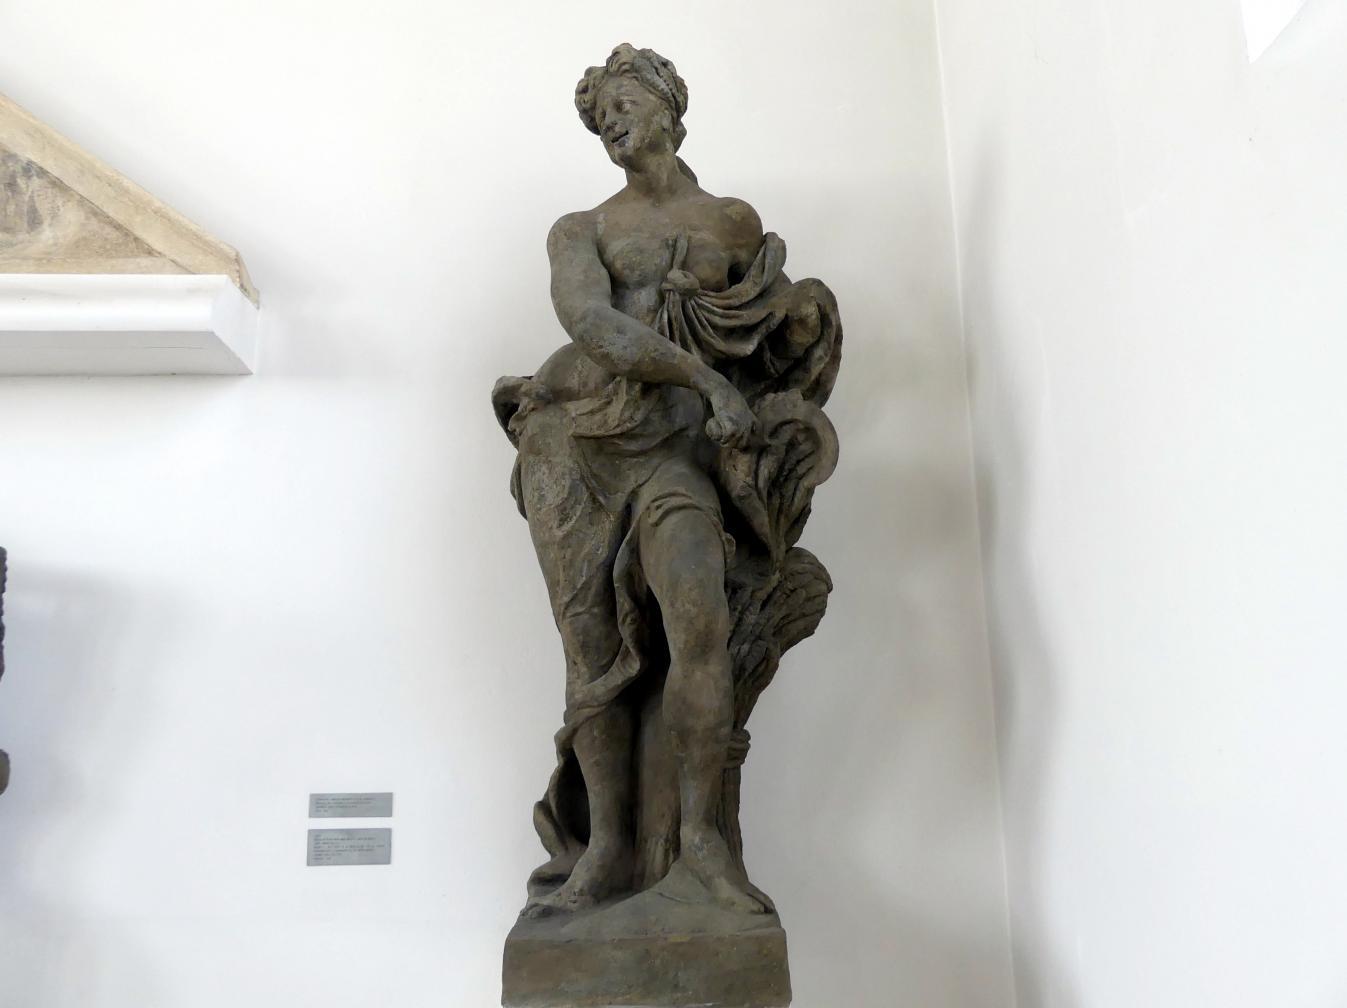 Matthias Bernhard Braun: Ceres (römische Göttin des Ackerbaus und der Fruchtbarkeit), 1725 - 1726